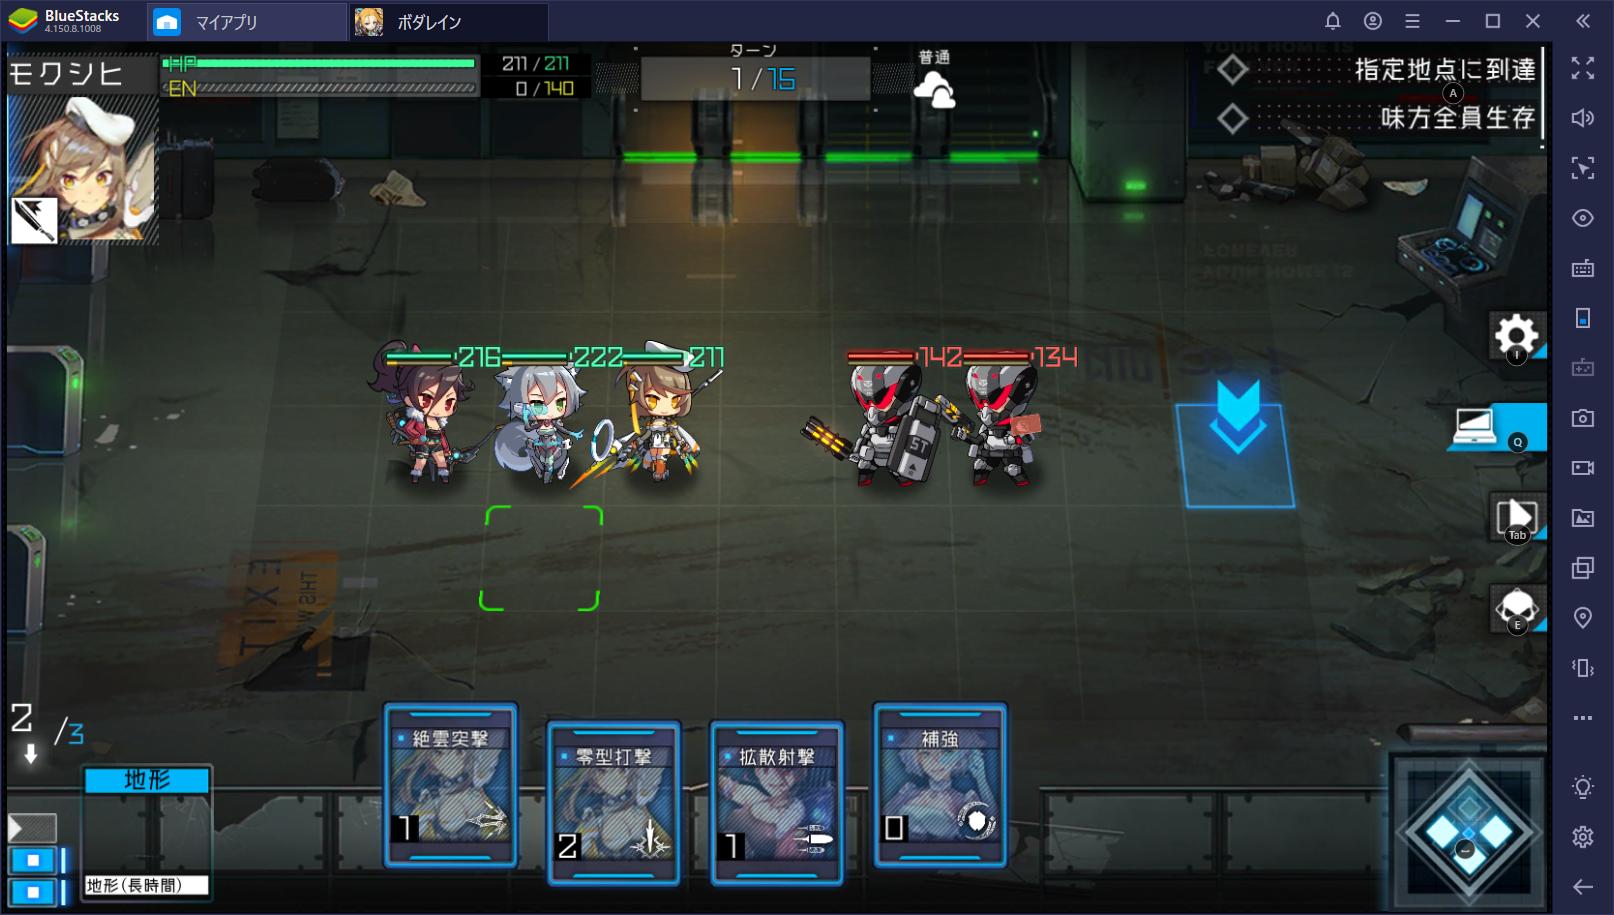 BlueStacksを使ってPCで『ボーダーレイン』を遊ぼう